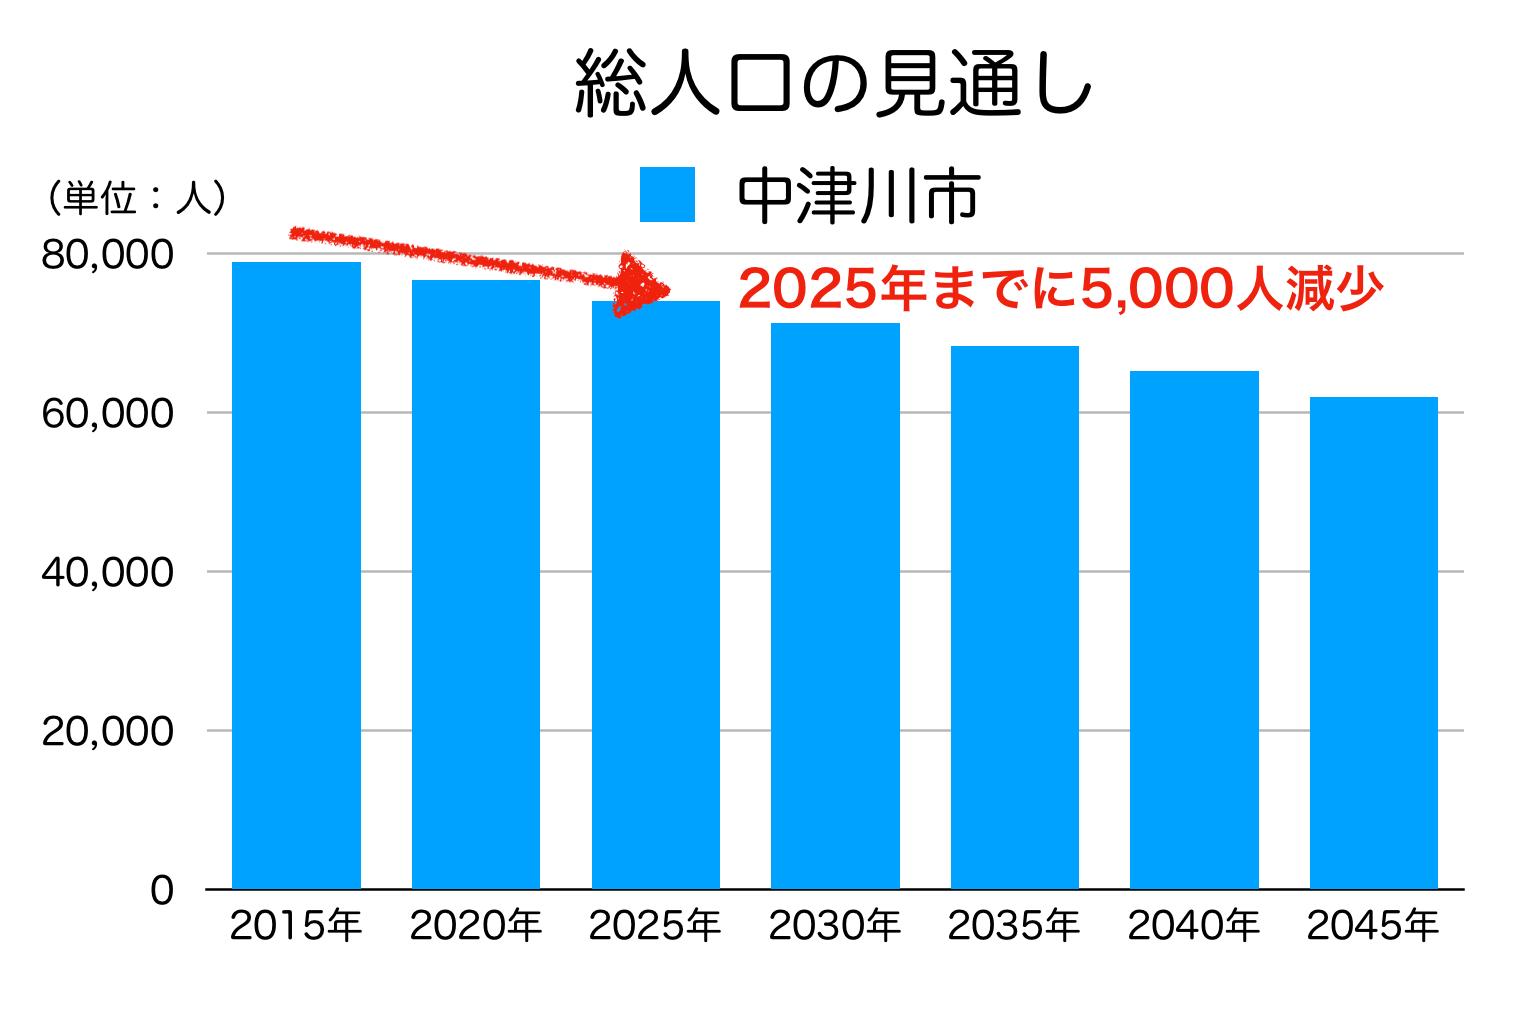 中津川市の人口の見通し